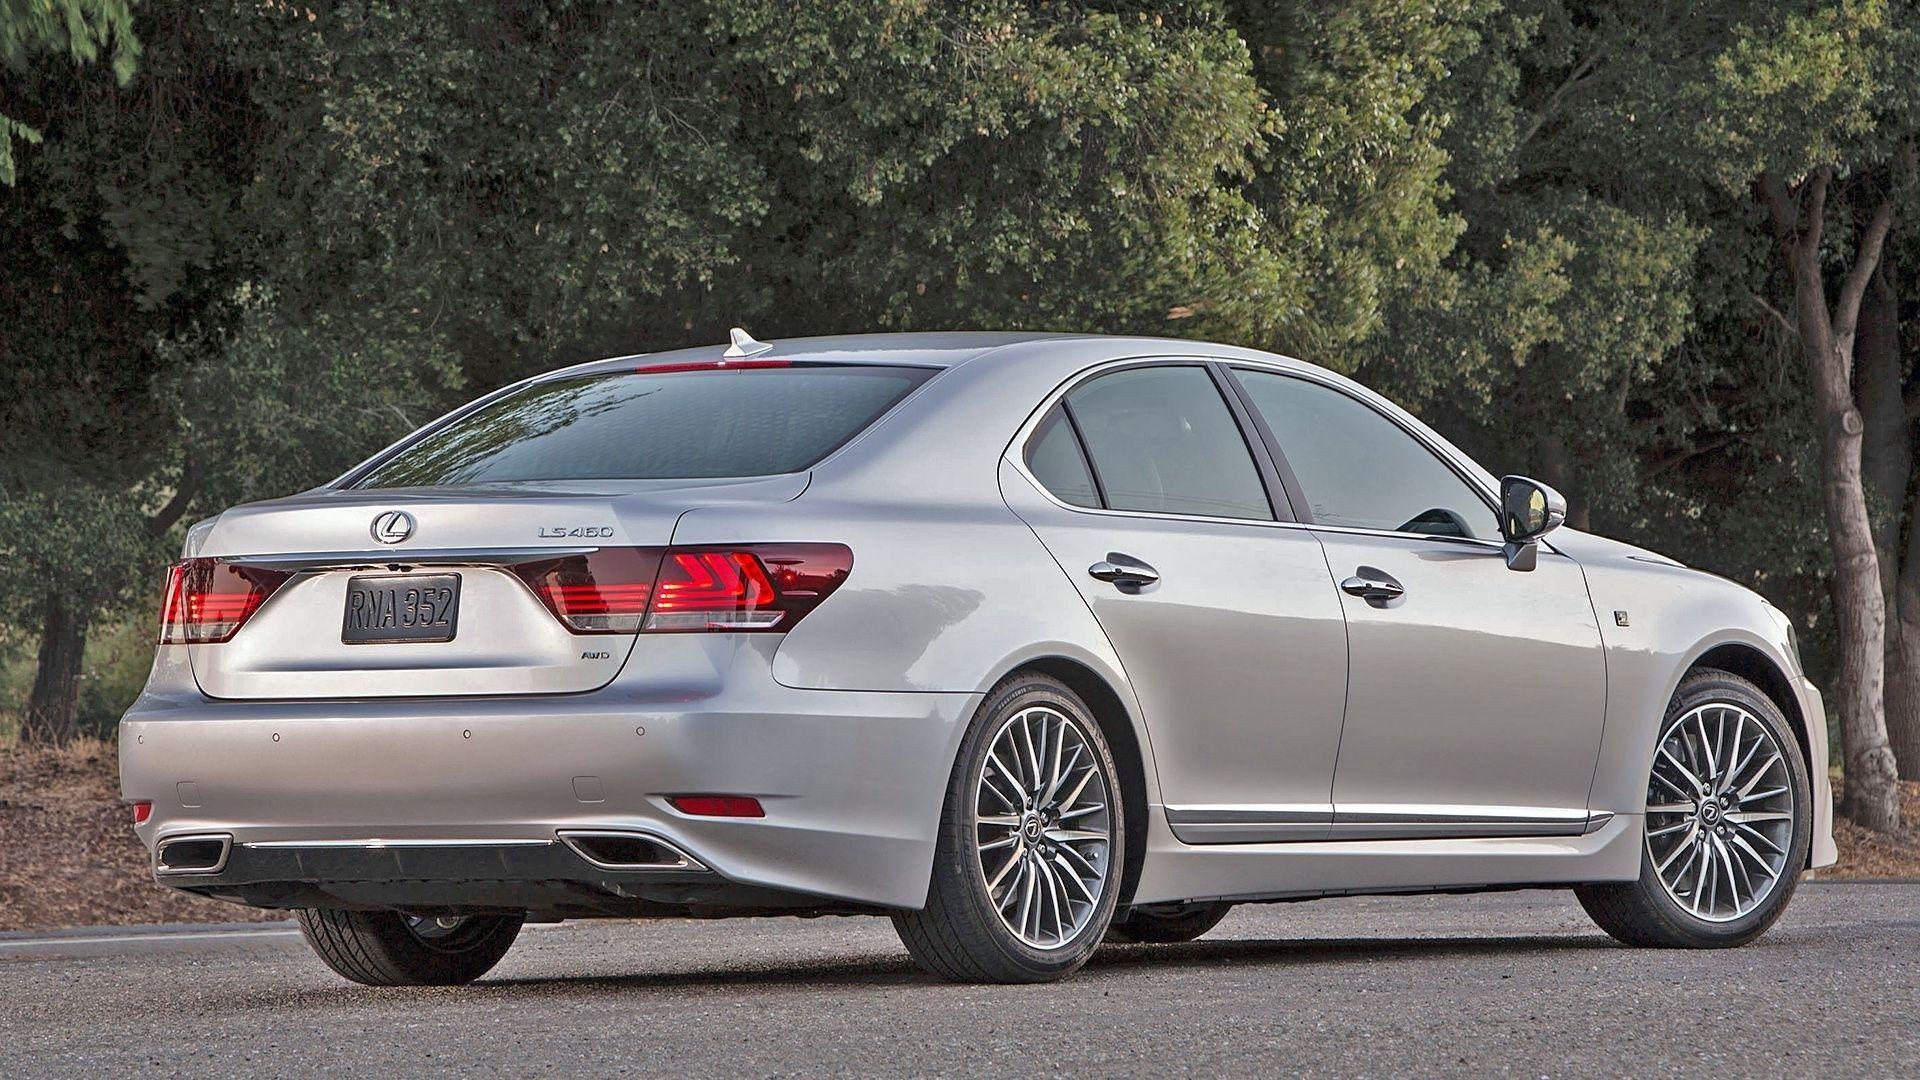 2019 Lexus Ls 460 Exterior Changes Price Lexus Ls Lexus Ls 460 Lexus